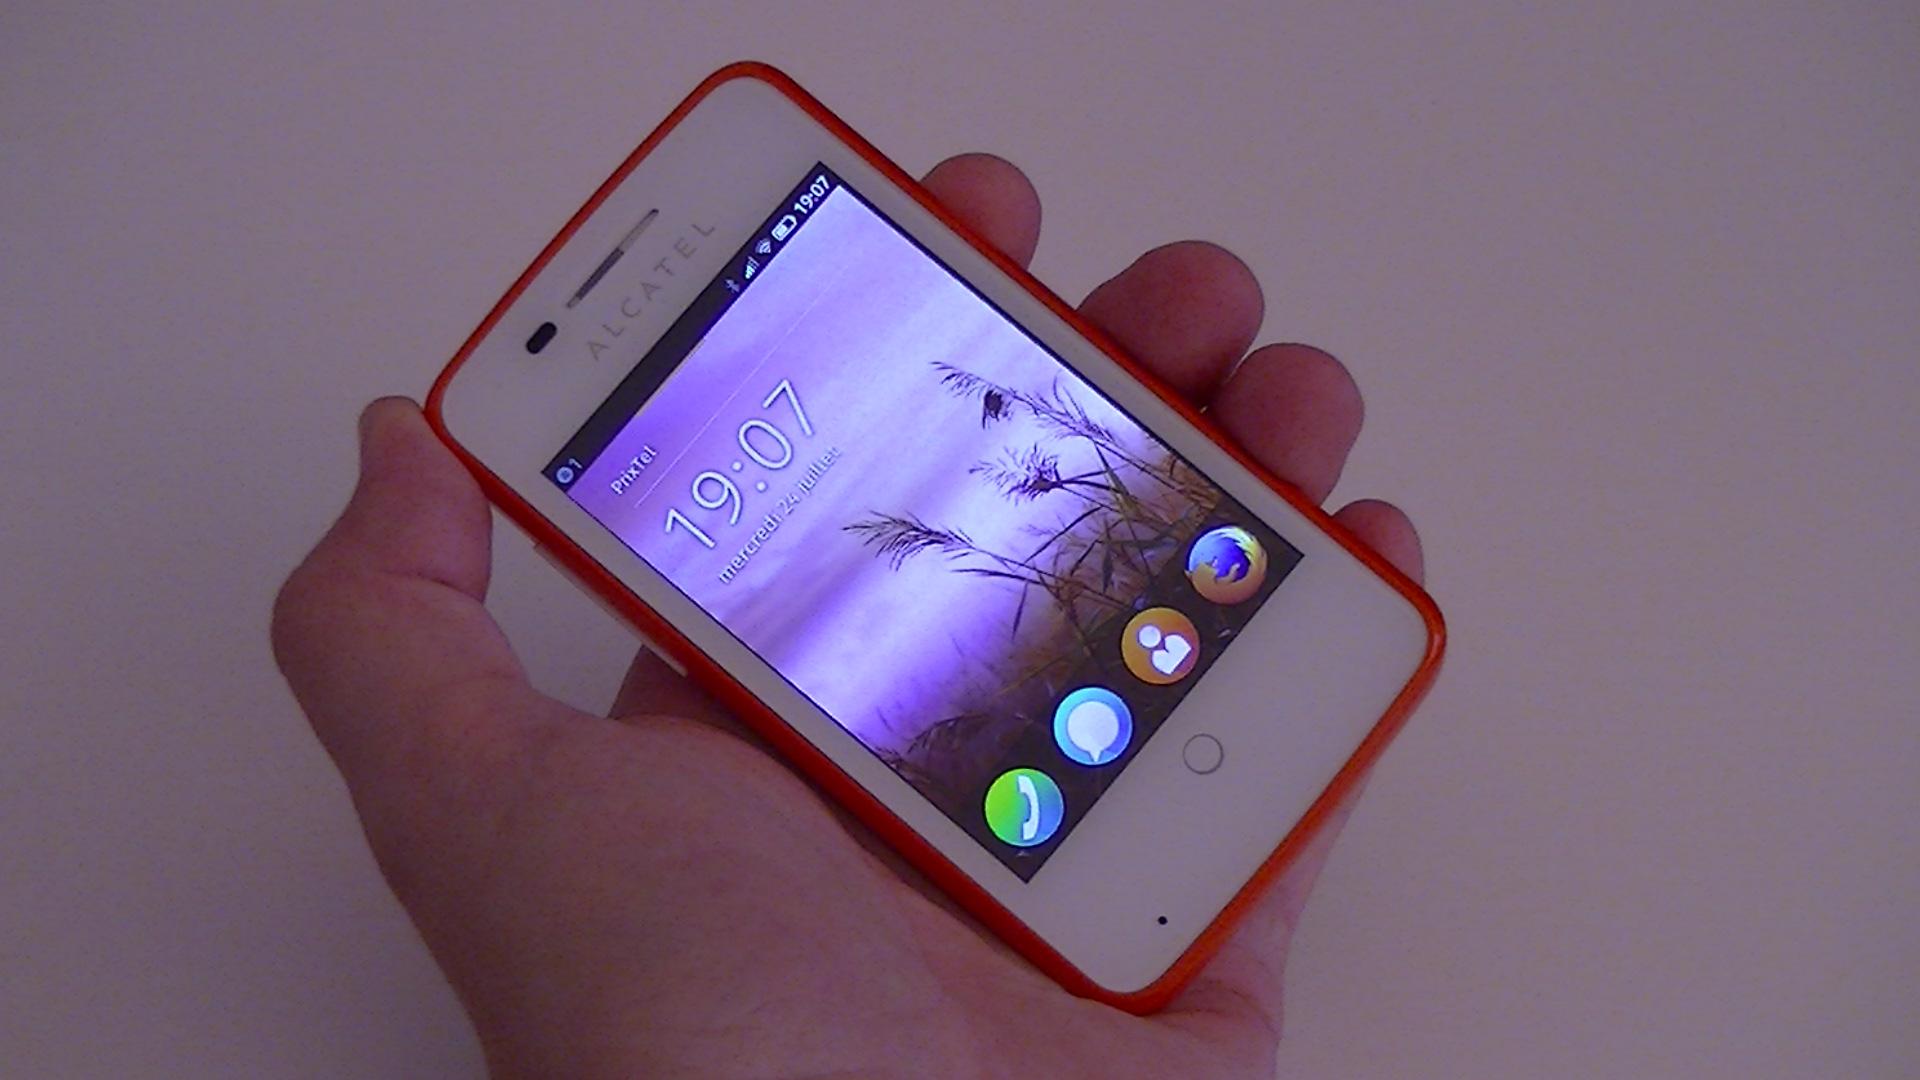 Test de l'Alcatel One Touch Fire : en avant-première